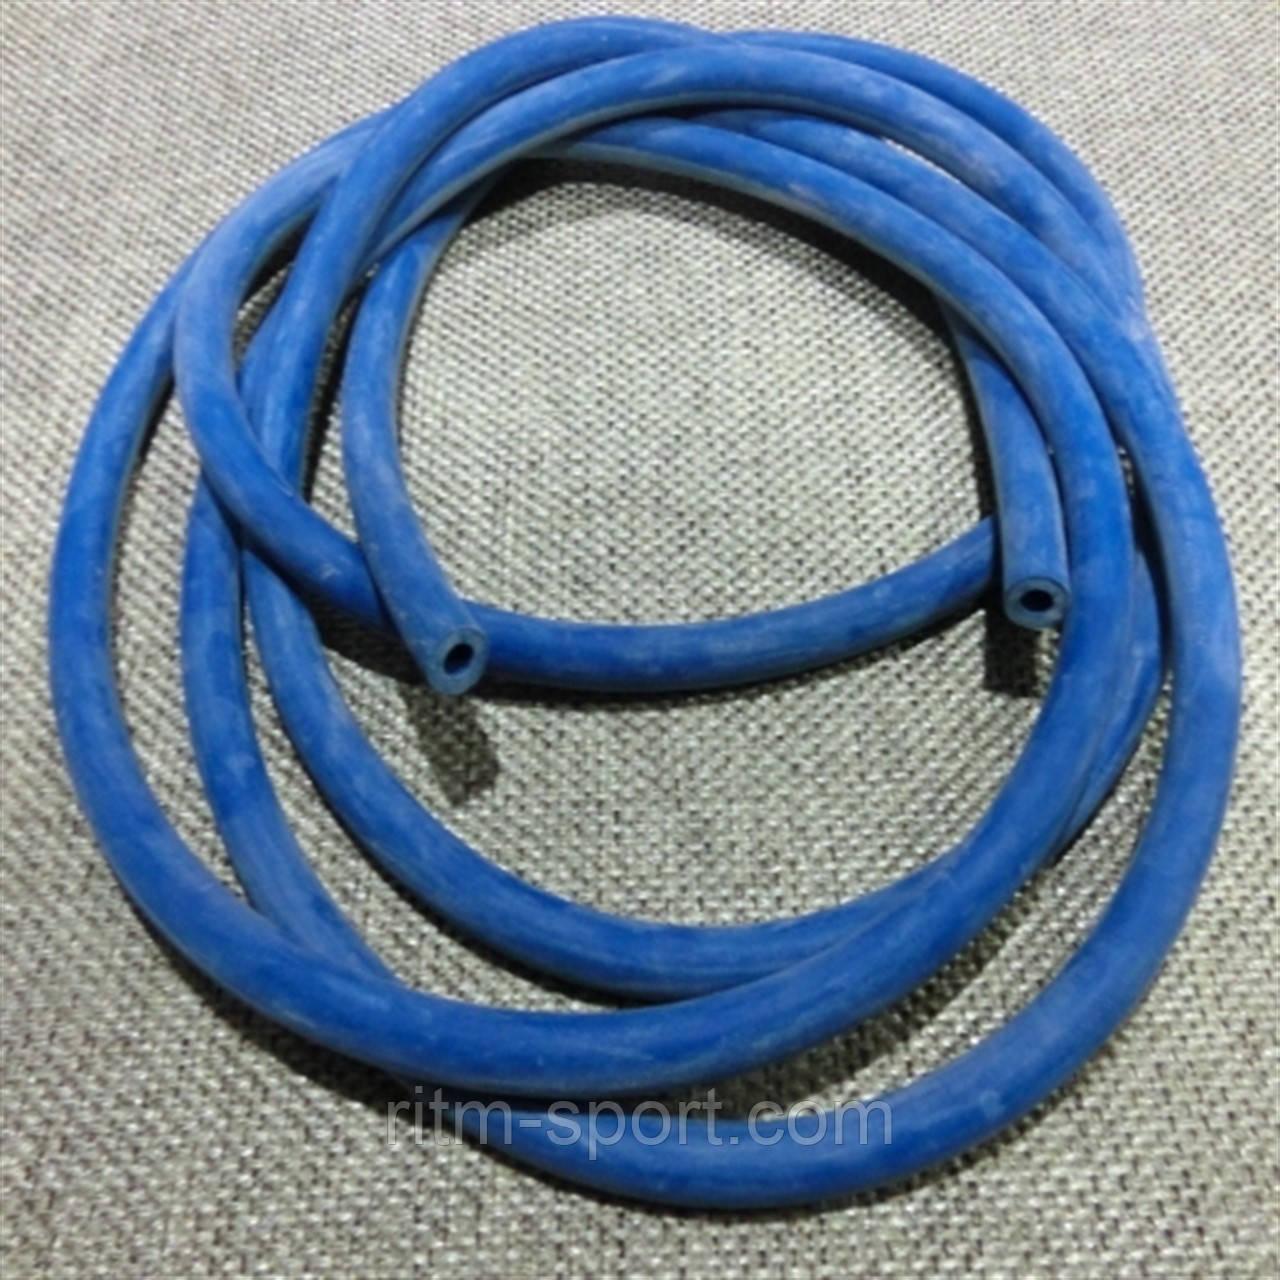 Жгут резиновый (трубка D 10 мм, L 3 м)